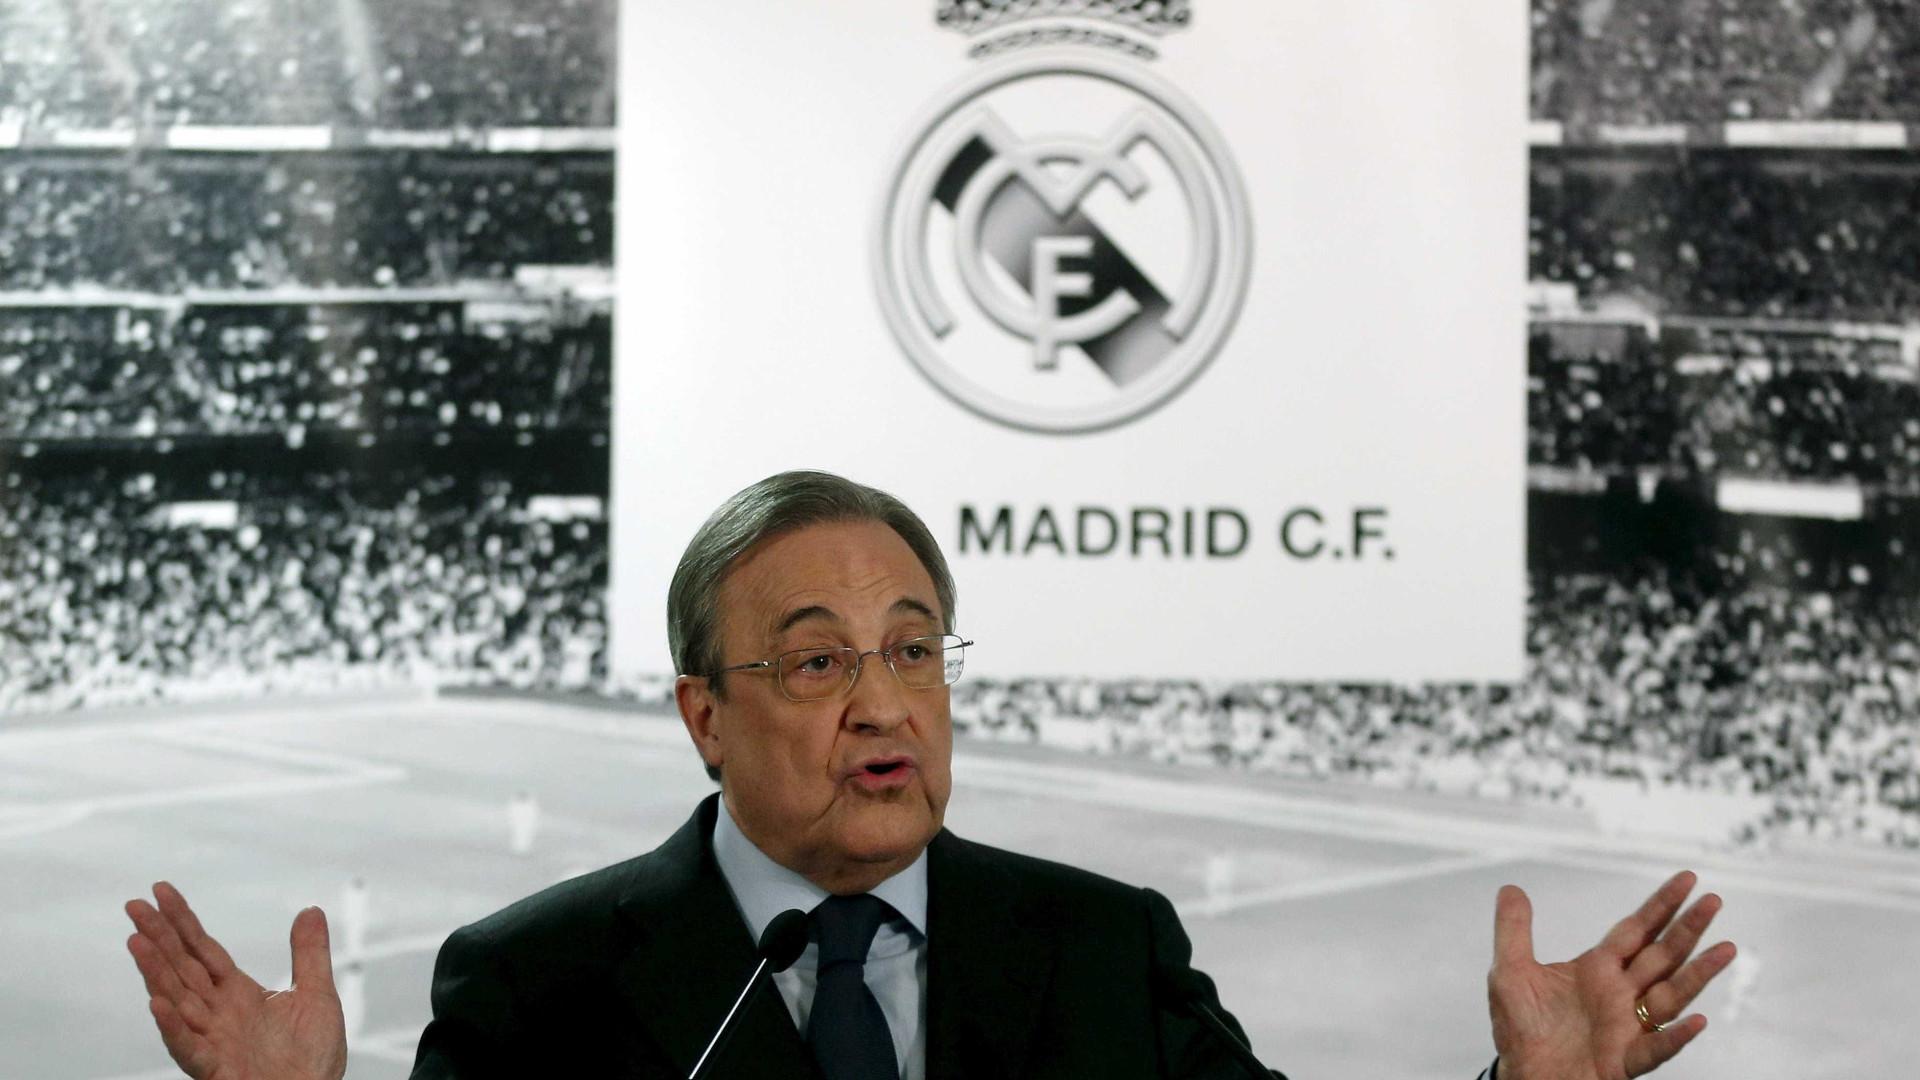 Empresa do presidente do Real Madrid compra ativos eólicos em Portugal